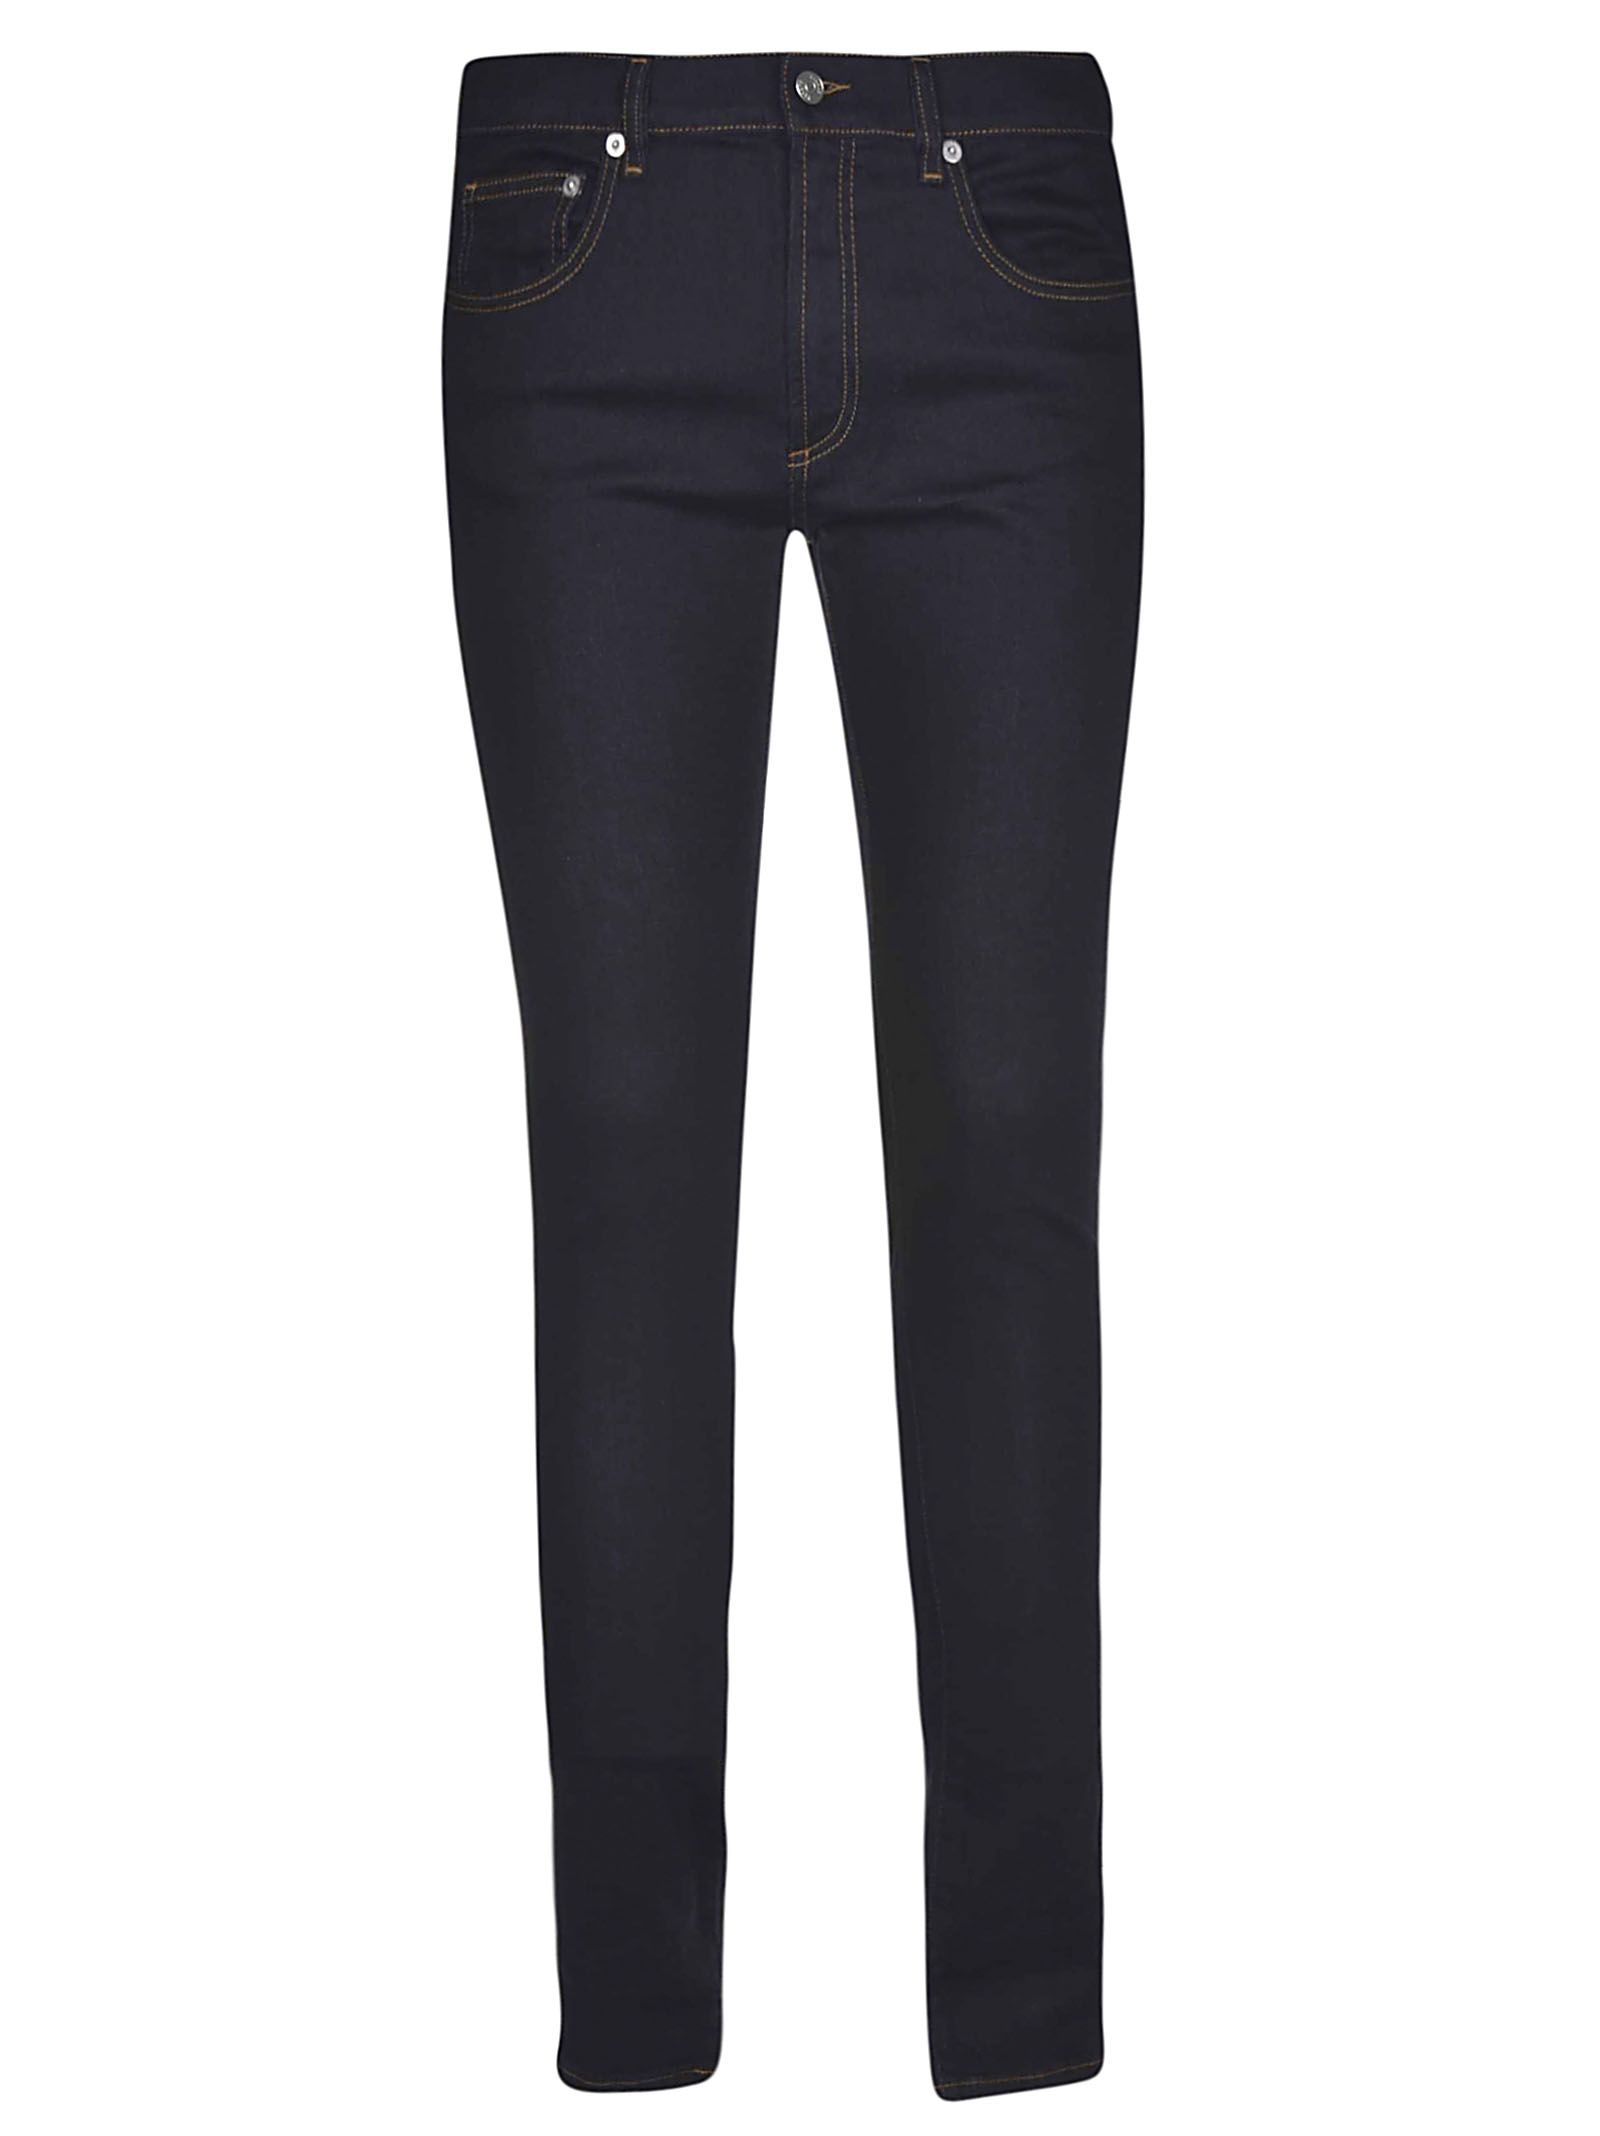 Versus Versace Classic Jeans